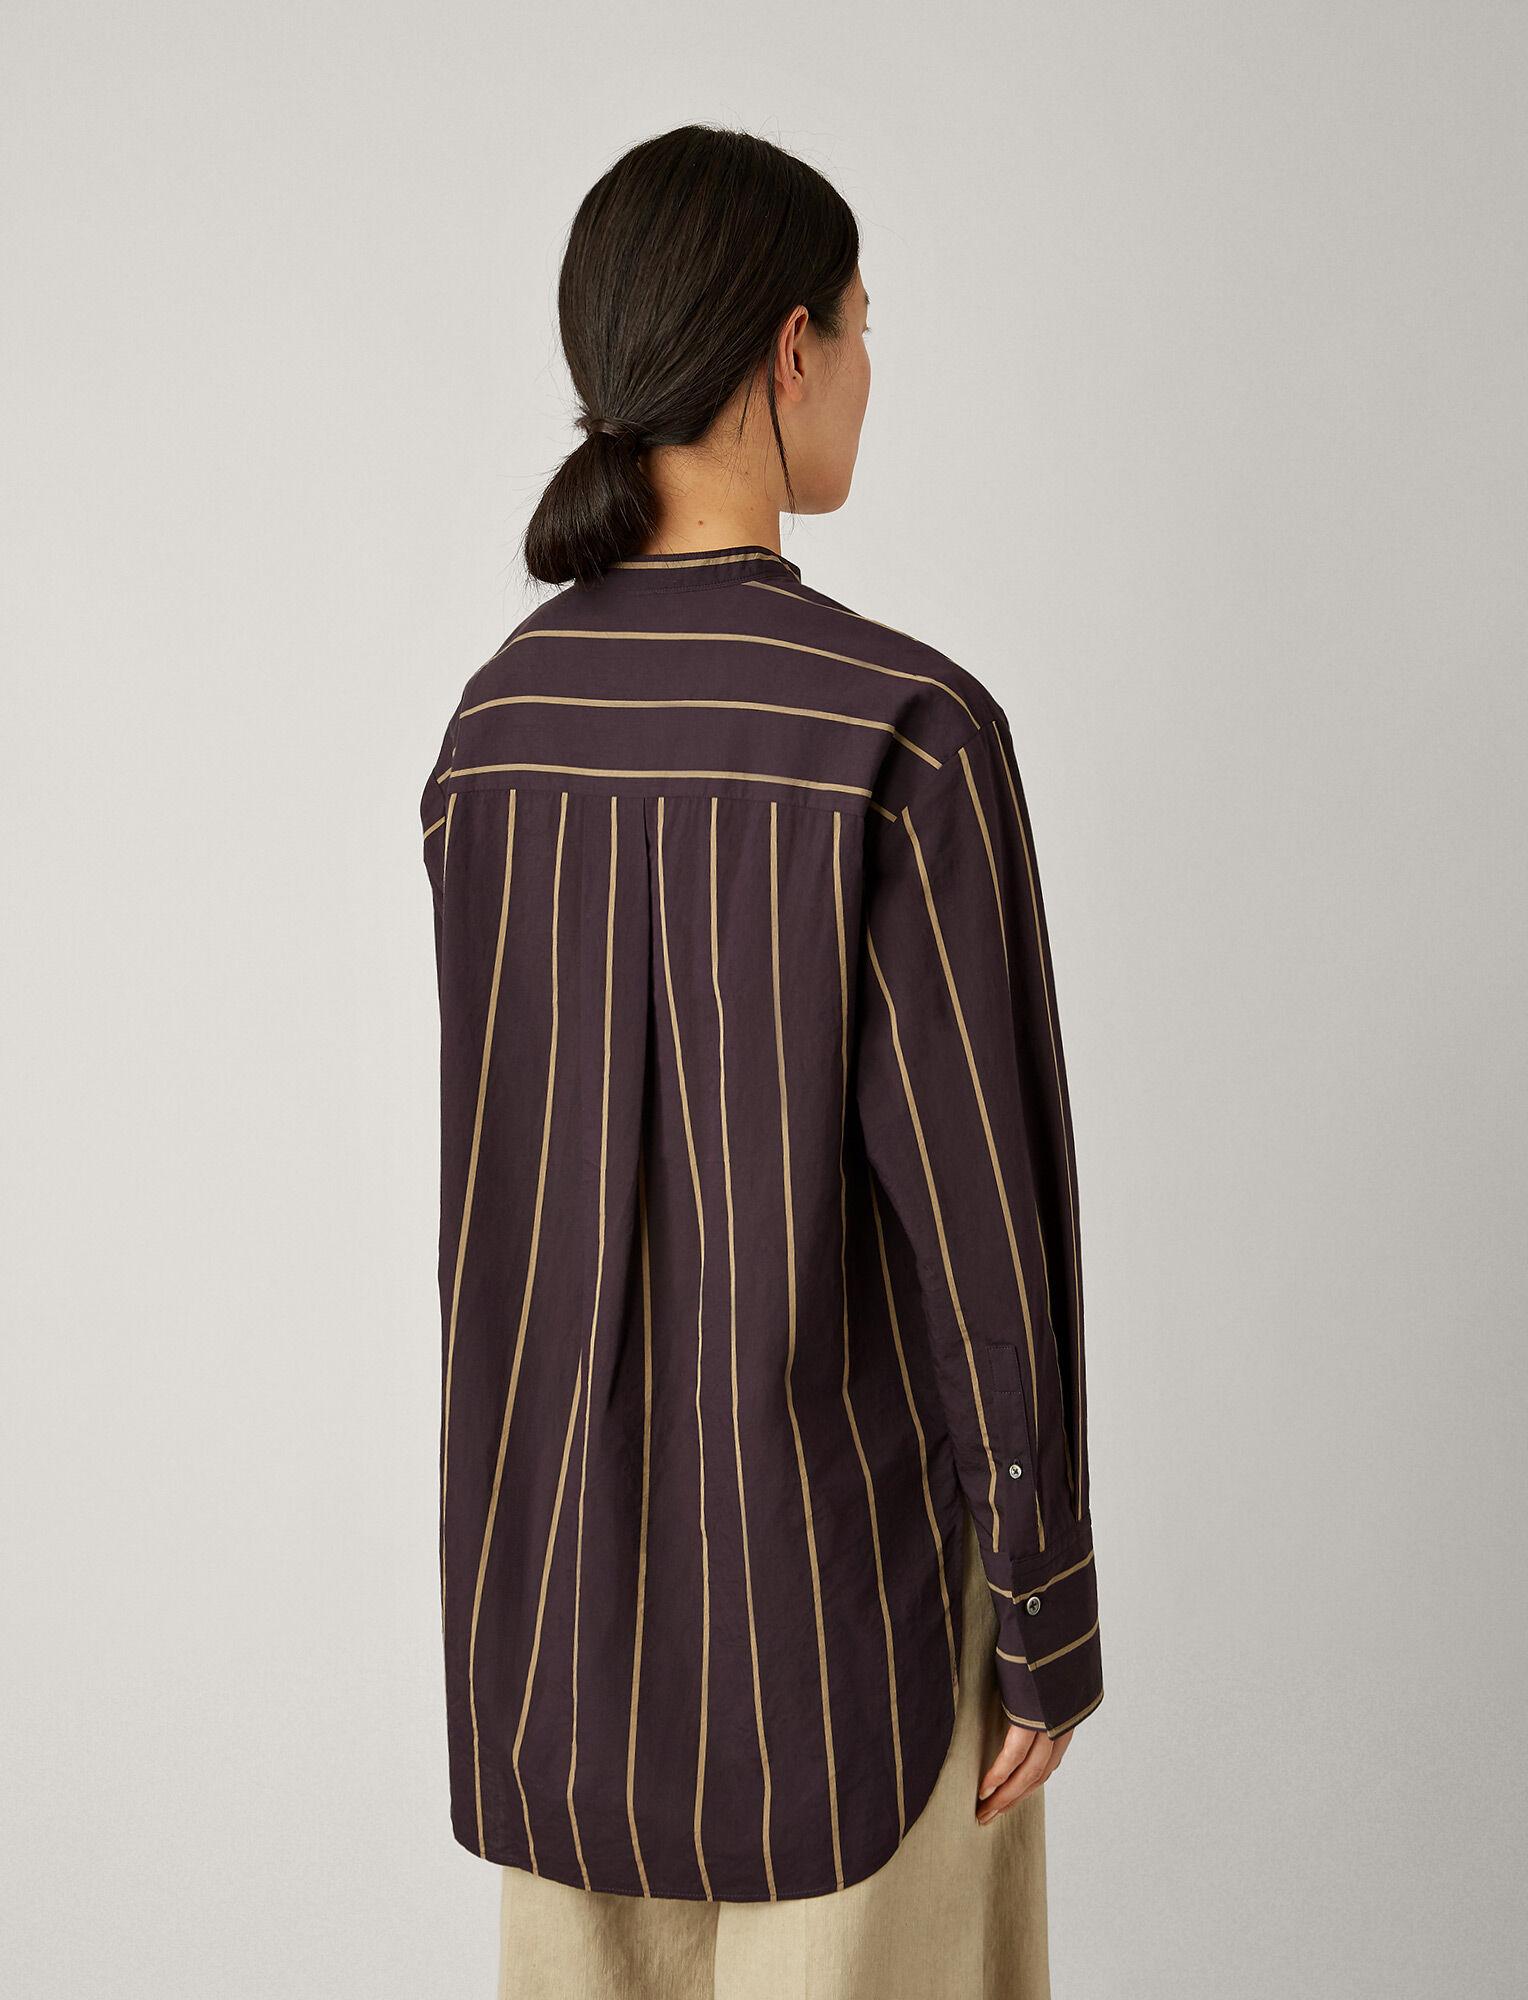 Joseph, Aufray Cotton Silk Stripe Blouse, in INK